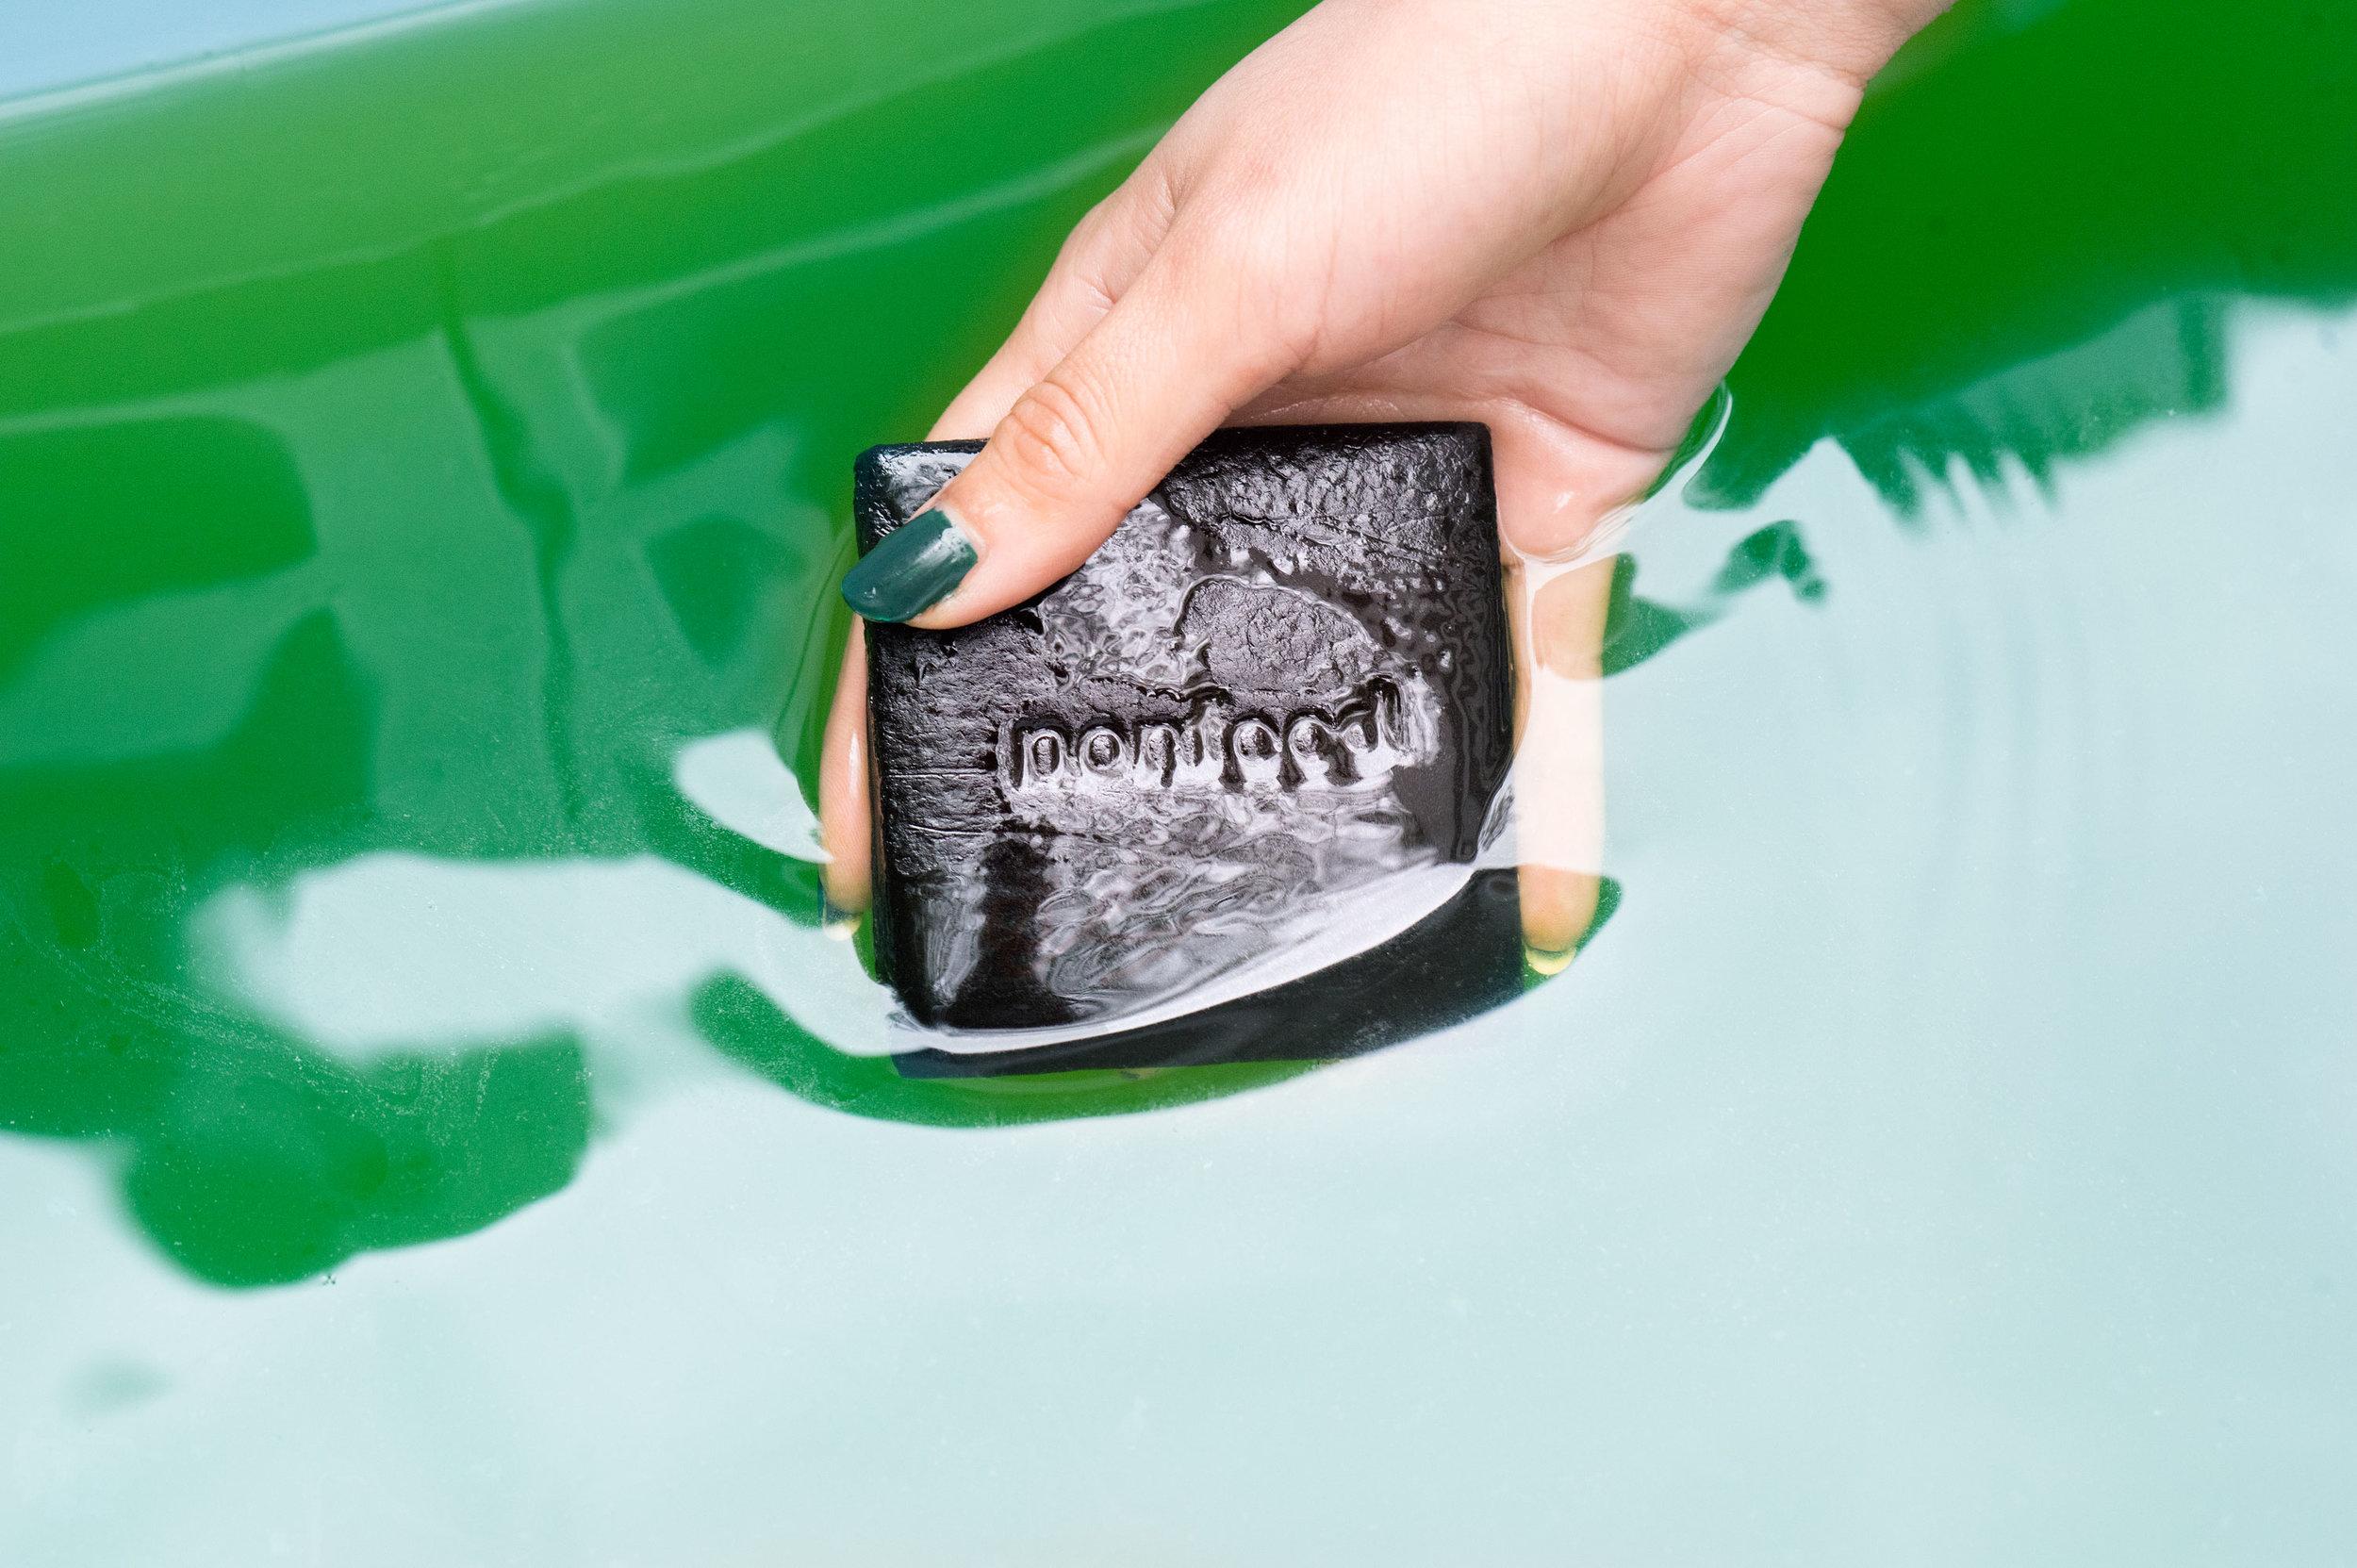 La Nonbar è ancora la prima e unica barra nutritiva con le alghe come ingrediente primario. -